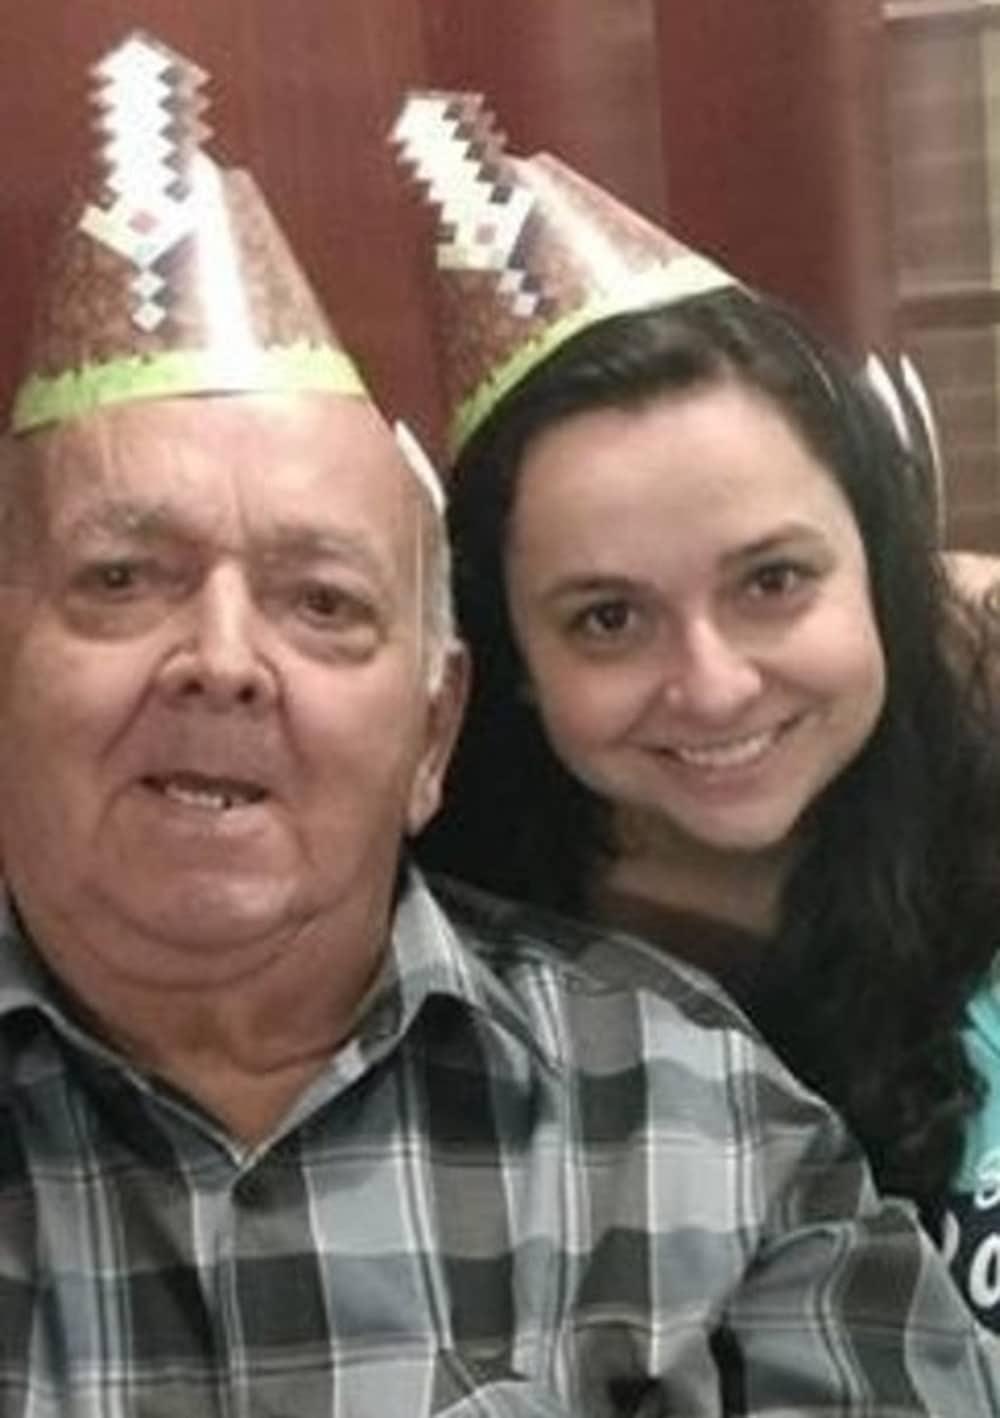 Herculano Lopes Diniz, que morreu no último dia 14 de março, com a filha que registrou BO: investigação aberta (Foto: Arquivo pessoal)